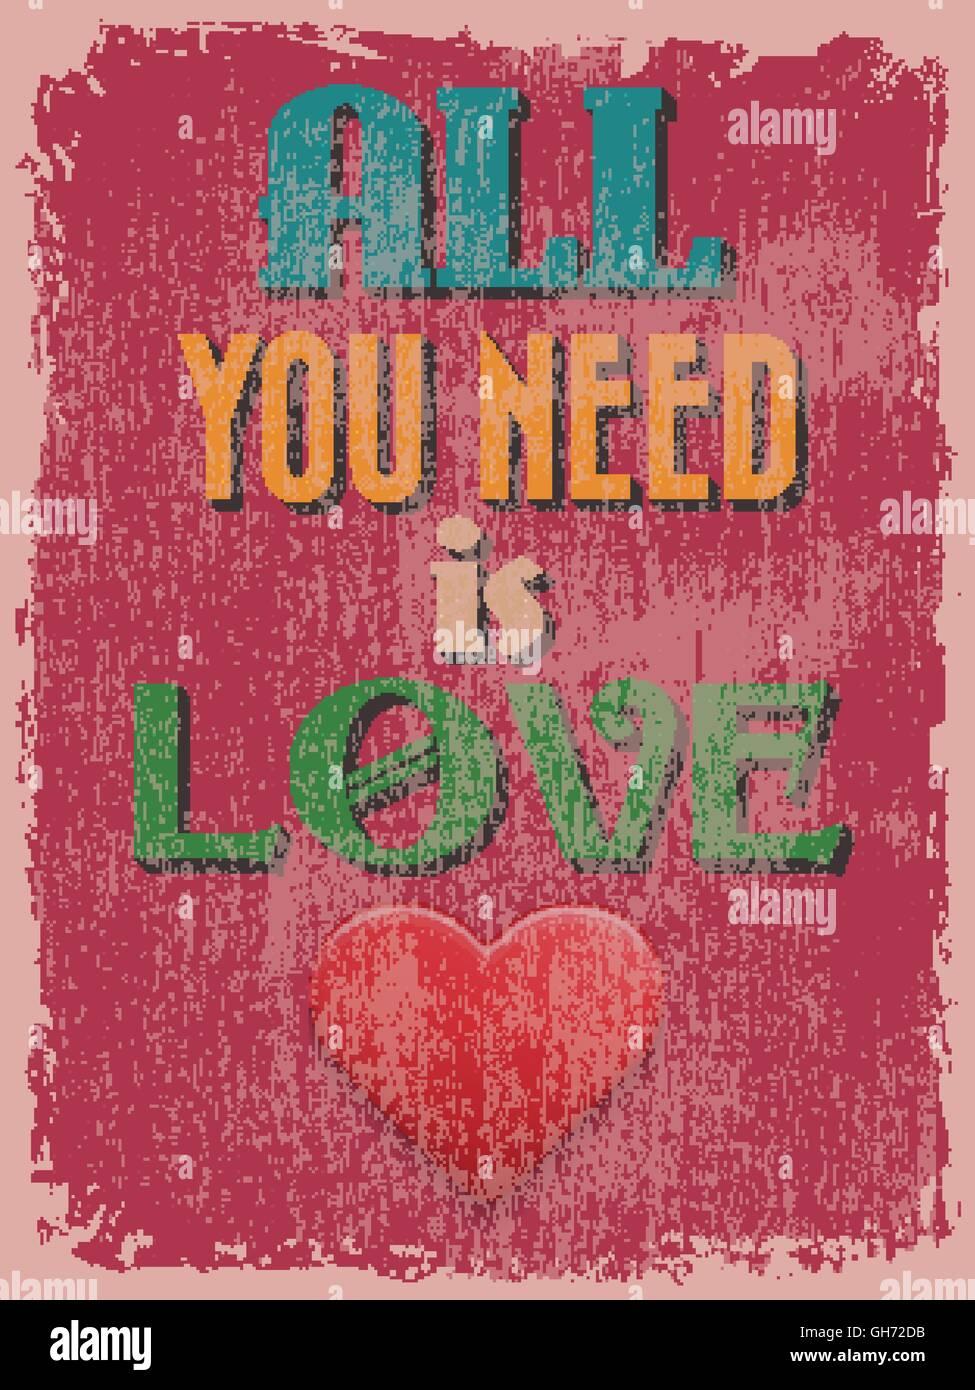 L'affiche de la fête de la Saint-Valentin. Retro Vintage design. Tout ce qu'il vous faut, c'est l'amour. Vector illustration Illustration de Vecteur